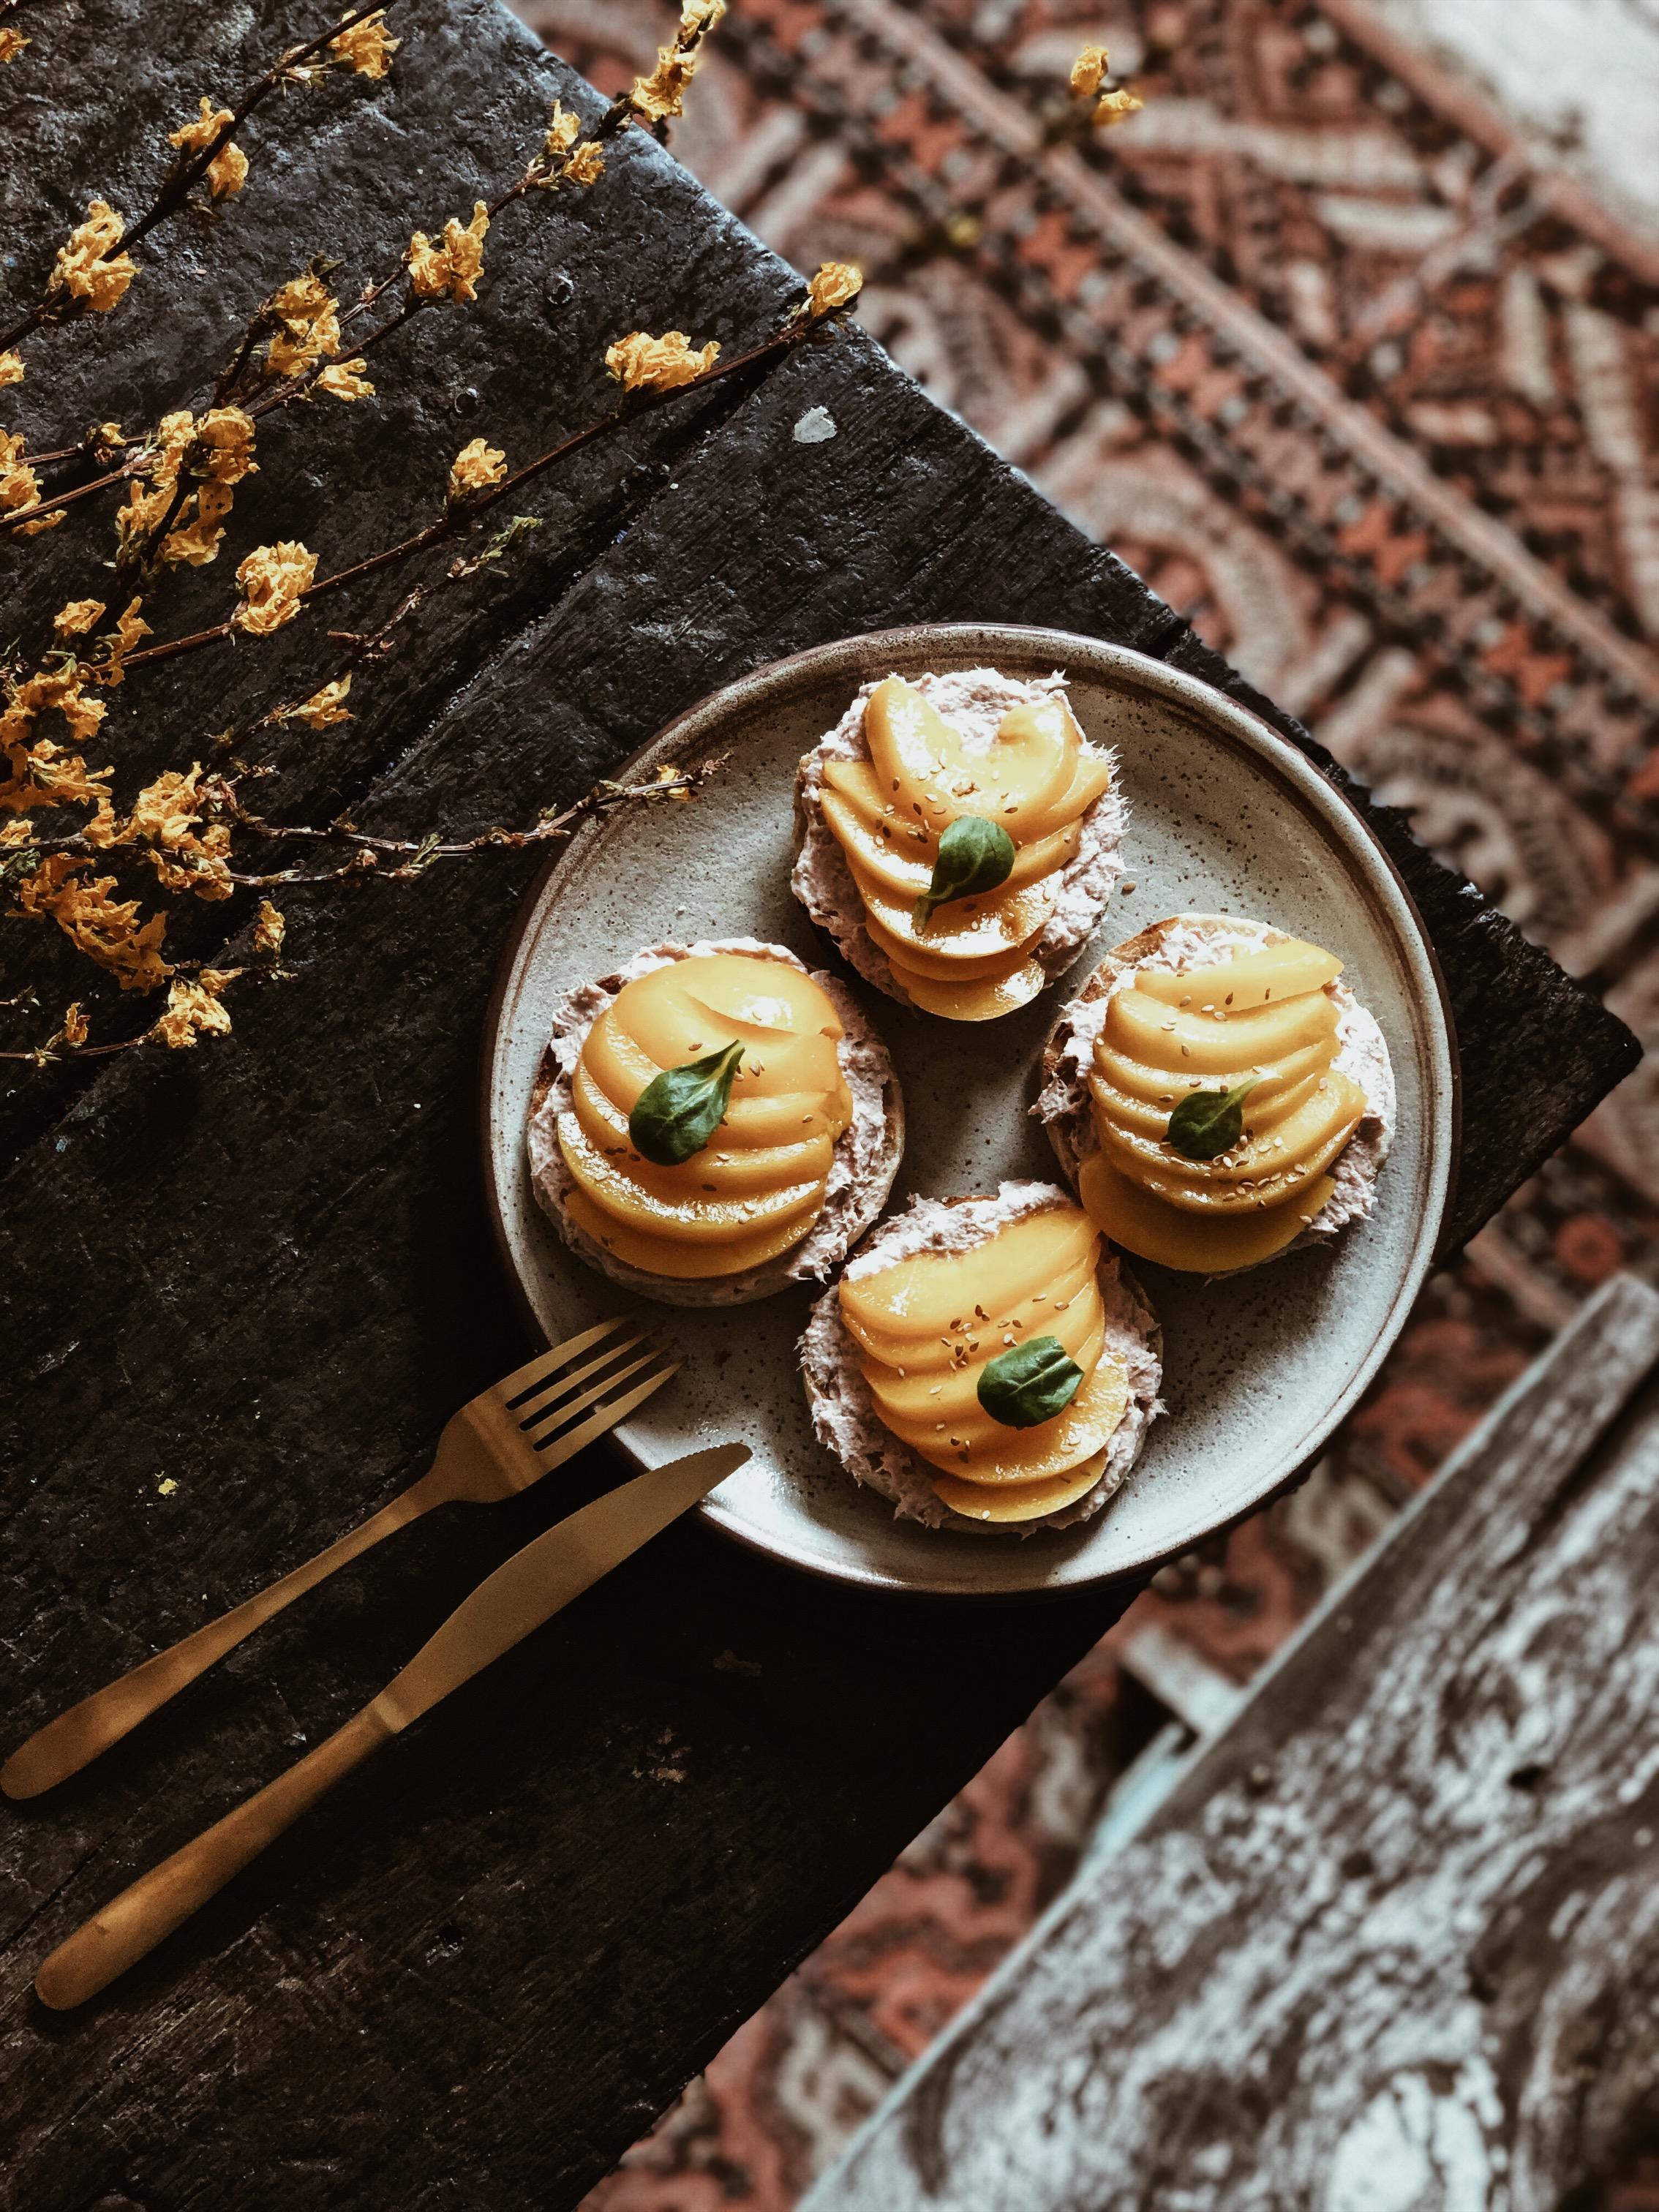 Carnet Sauvage - blog mode, voyages et lifestyle Lille, direction artistique, recette food muffins pêche et thon